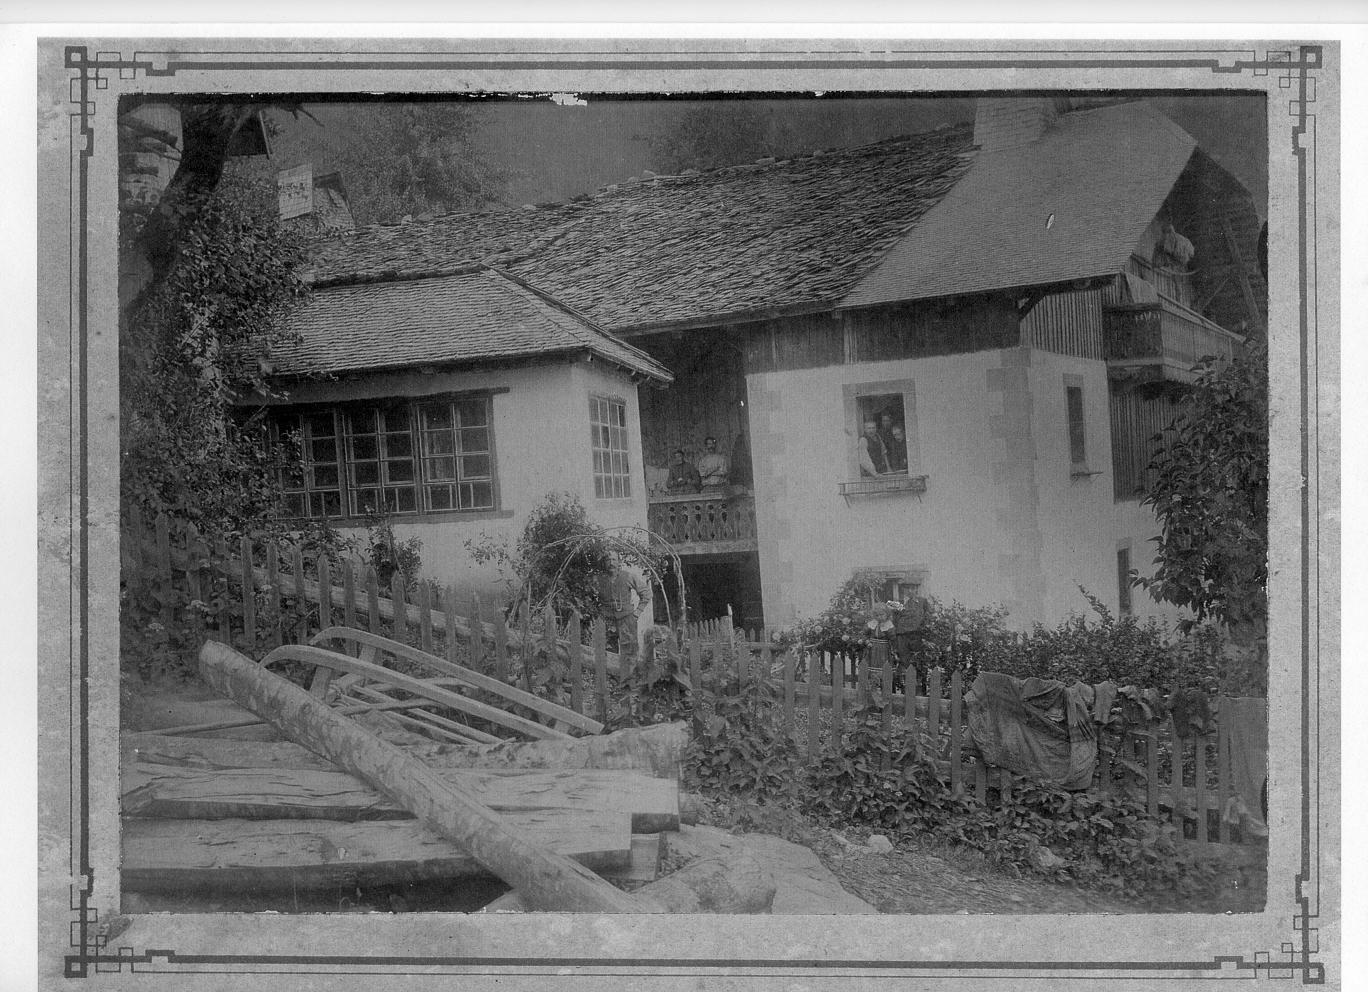 L'atelier d'horlogerie et la maison familiale Dayot vers 1900.